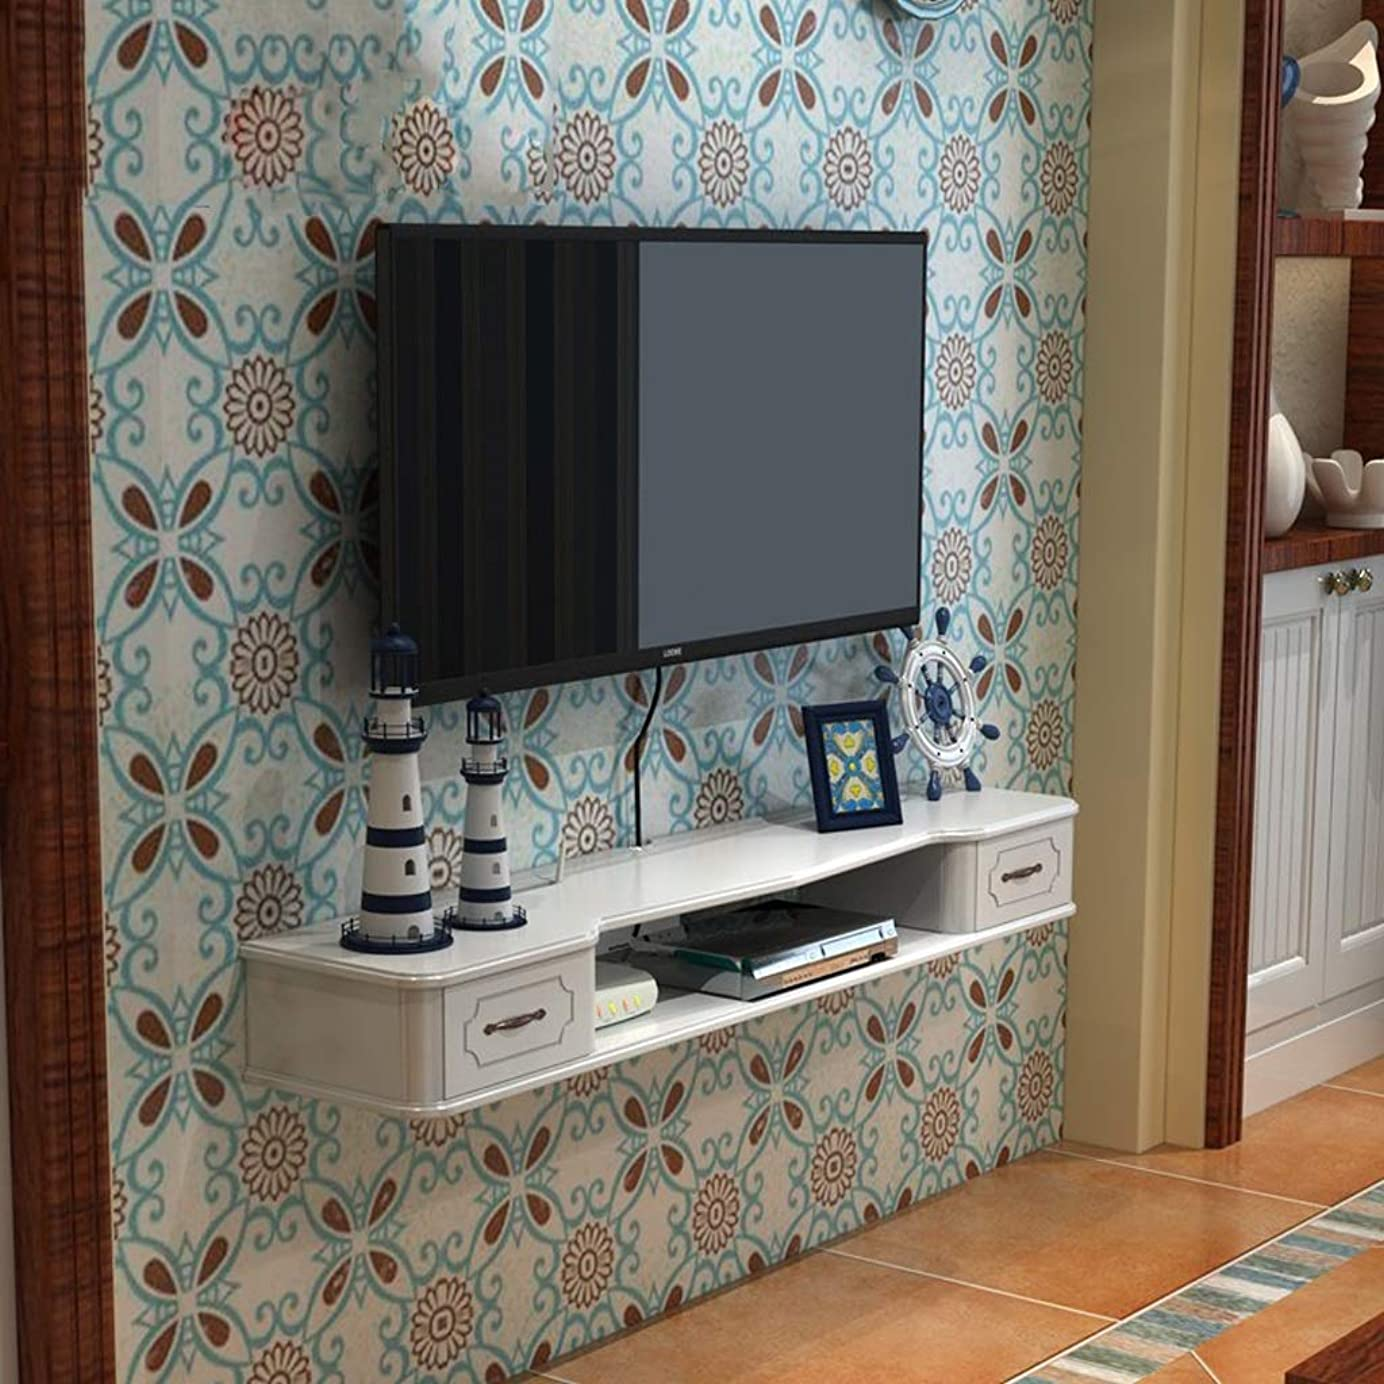 誤解させる強盗アラブサラボフローティングシェルフウォールシェルフ壁掛けテレビのキャビネットテレビの背景壁の装飾棚テレビコンソール引き出し付きマルチメディア収納棚